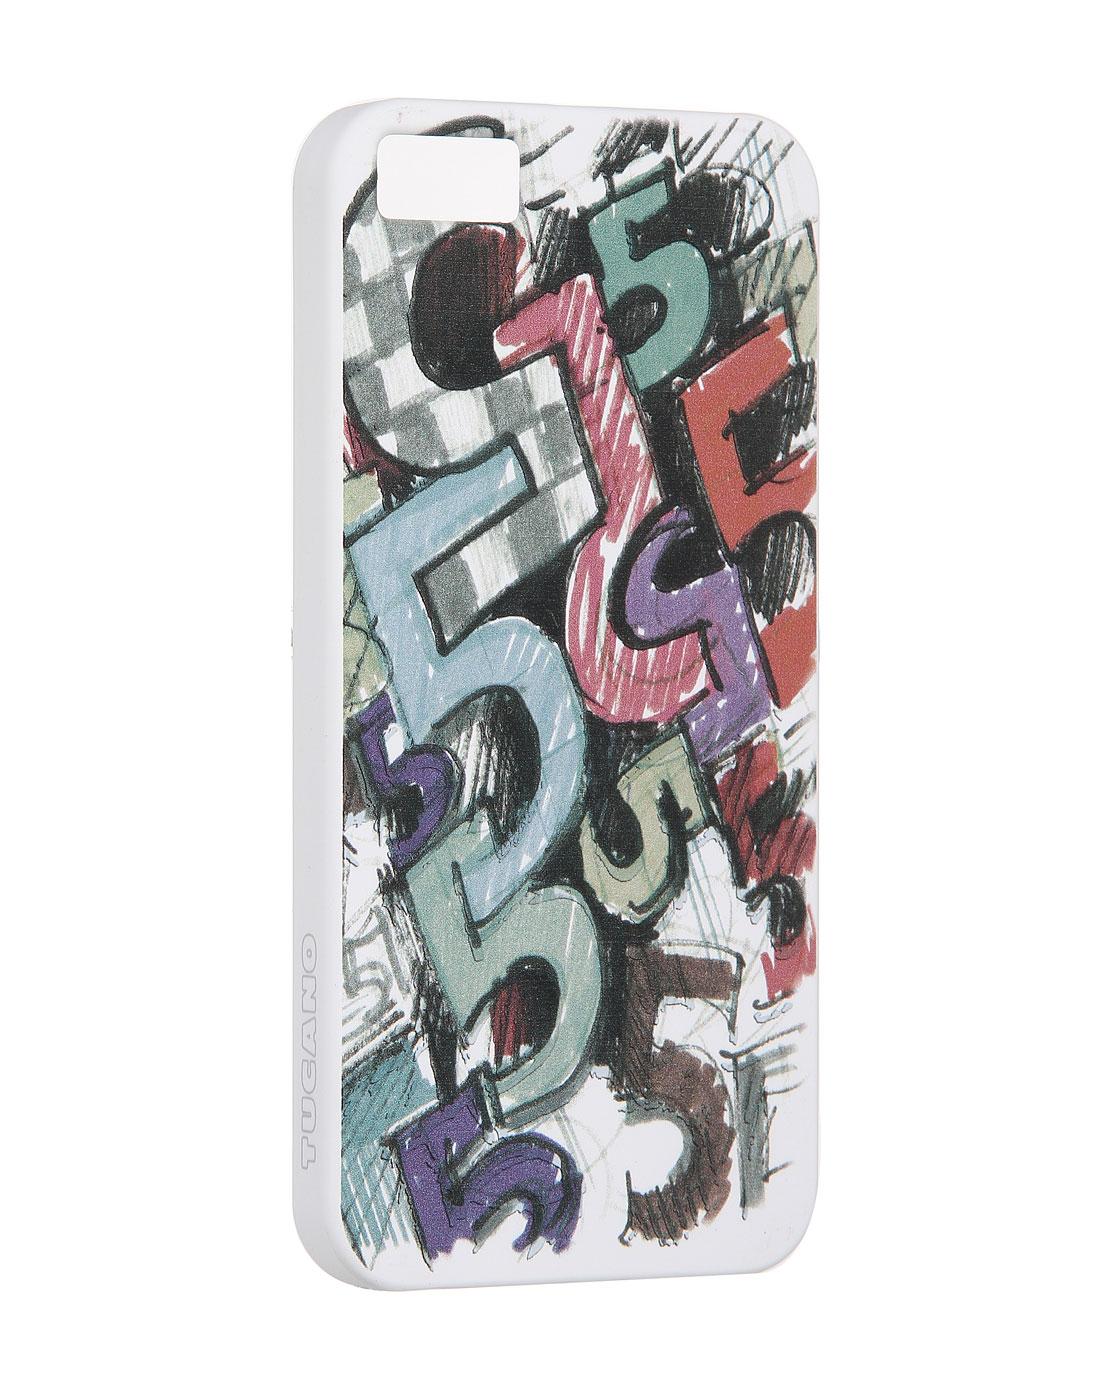 涂鸦数字图案彩色iphone5手机壳